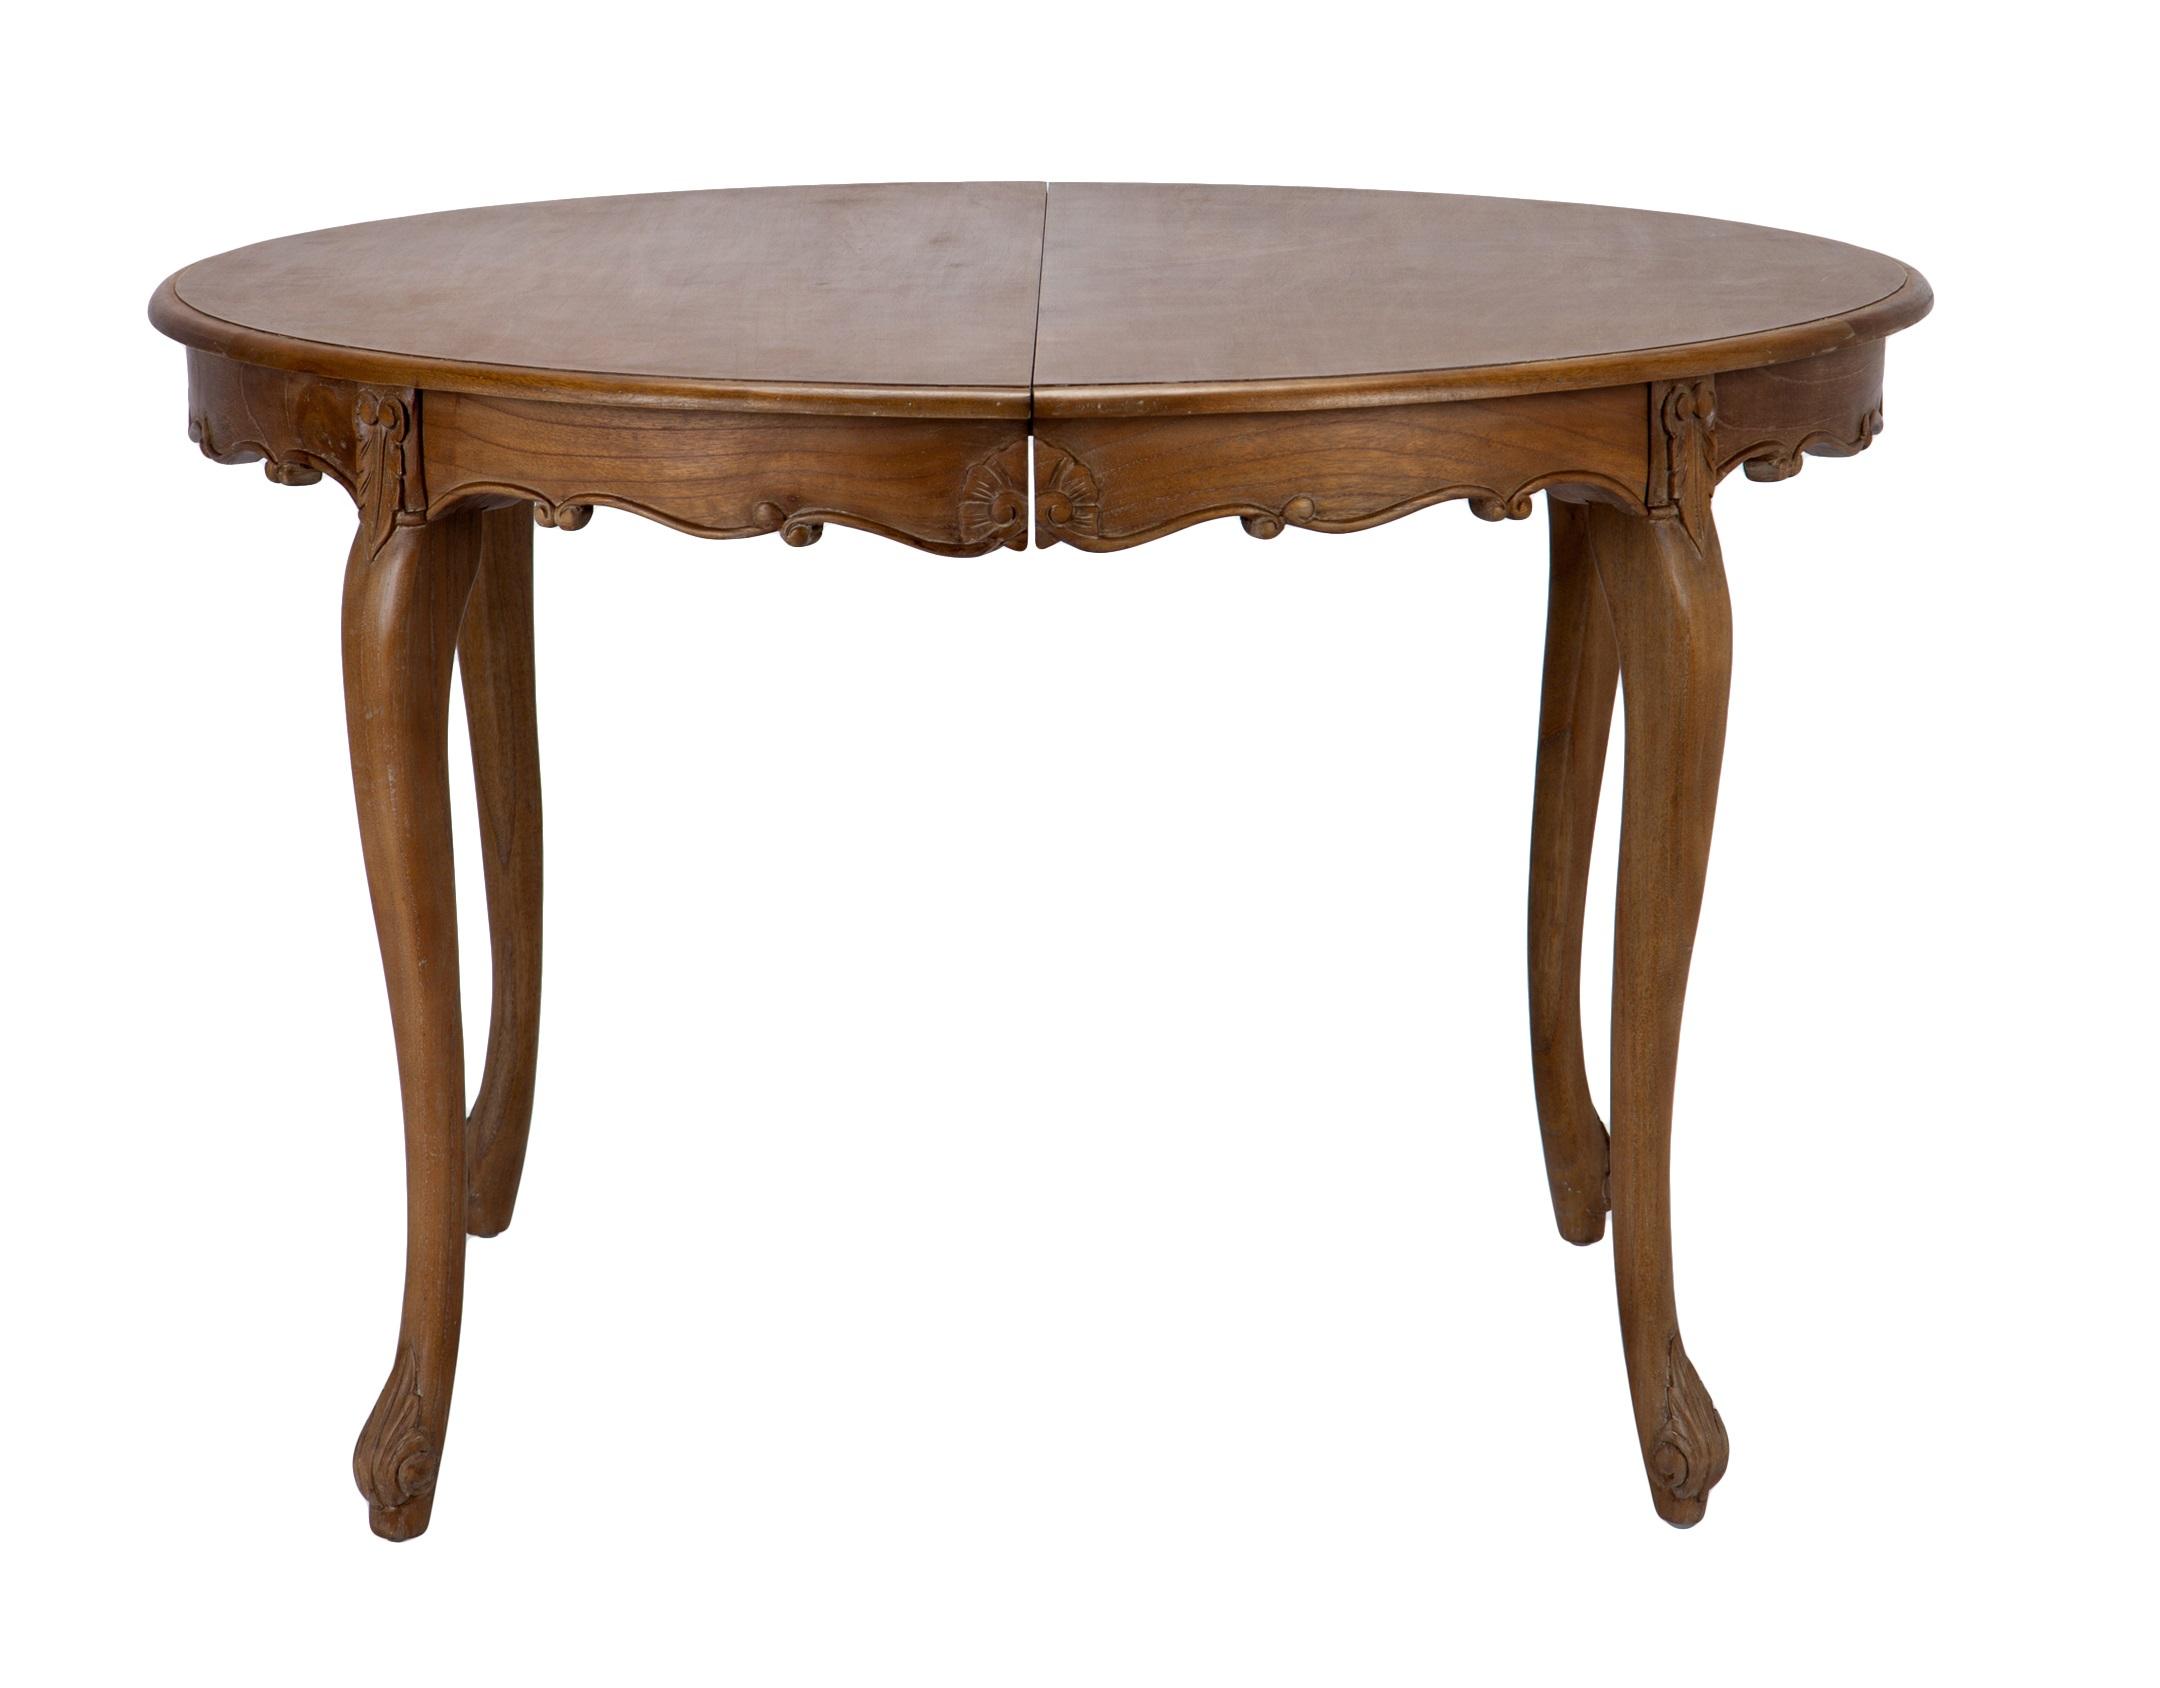 Стол обеденныйОбеденные столы<br>Стол обеденный круглый раздвижной из дерева минди, раскладывается в овальный, украшен резьбой ручной работы.&amp;lt;div&amp;gt;Материал: дерево минди&amp;lt;br&amp;gt;&amp;lt;/div&amp;gt;<br><br>Material: Дерево<br>Length см: None<br>Width см: None<br>Height см: 77<br>Diameter см: 120